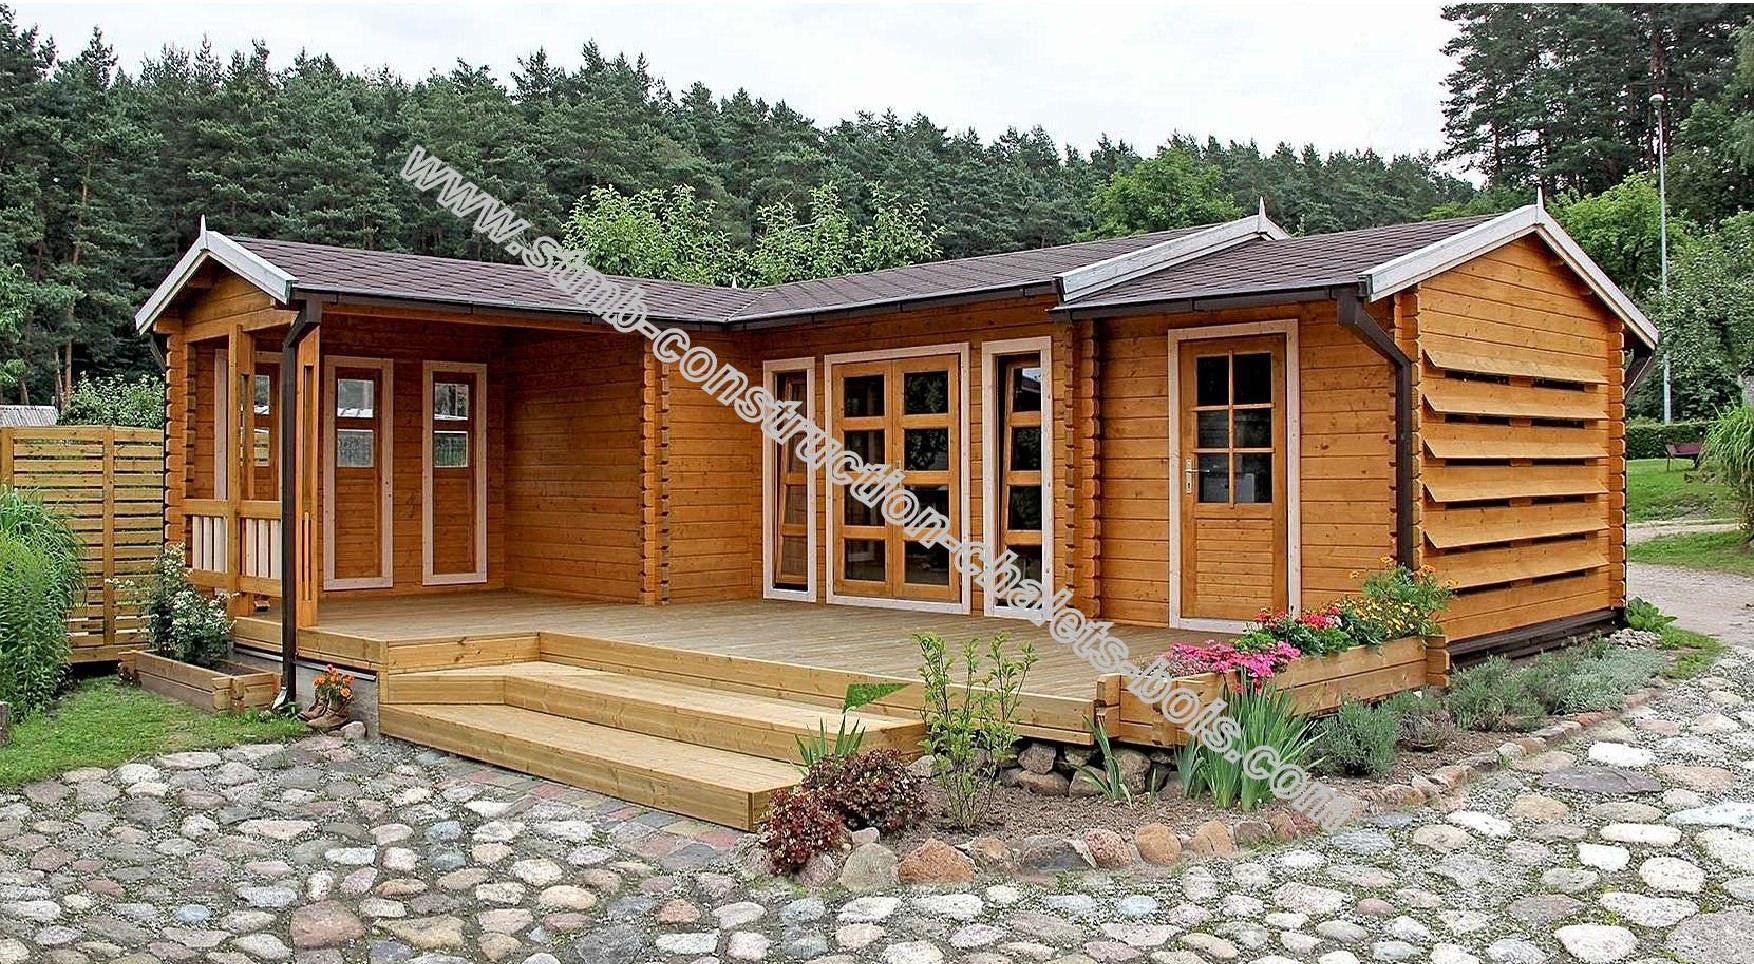 Vente De Chalet Bois En Kit - Stmb Construction Chalets Bois encequiconcerne Abri De Jardin Habitable